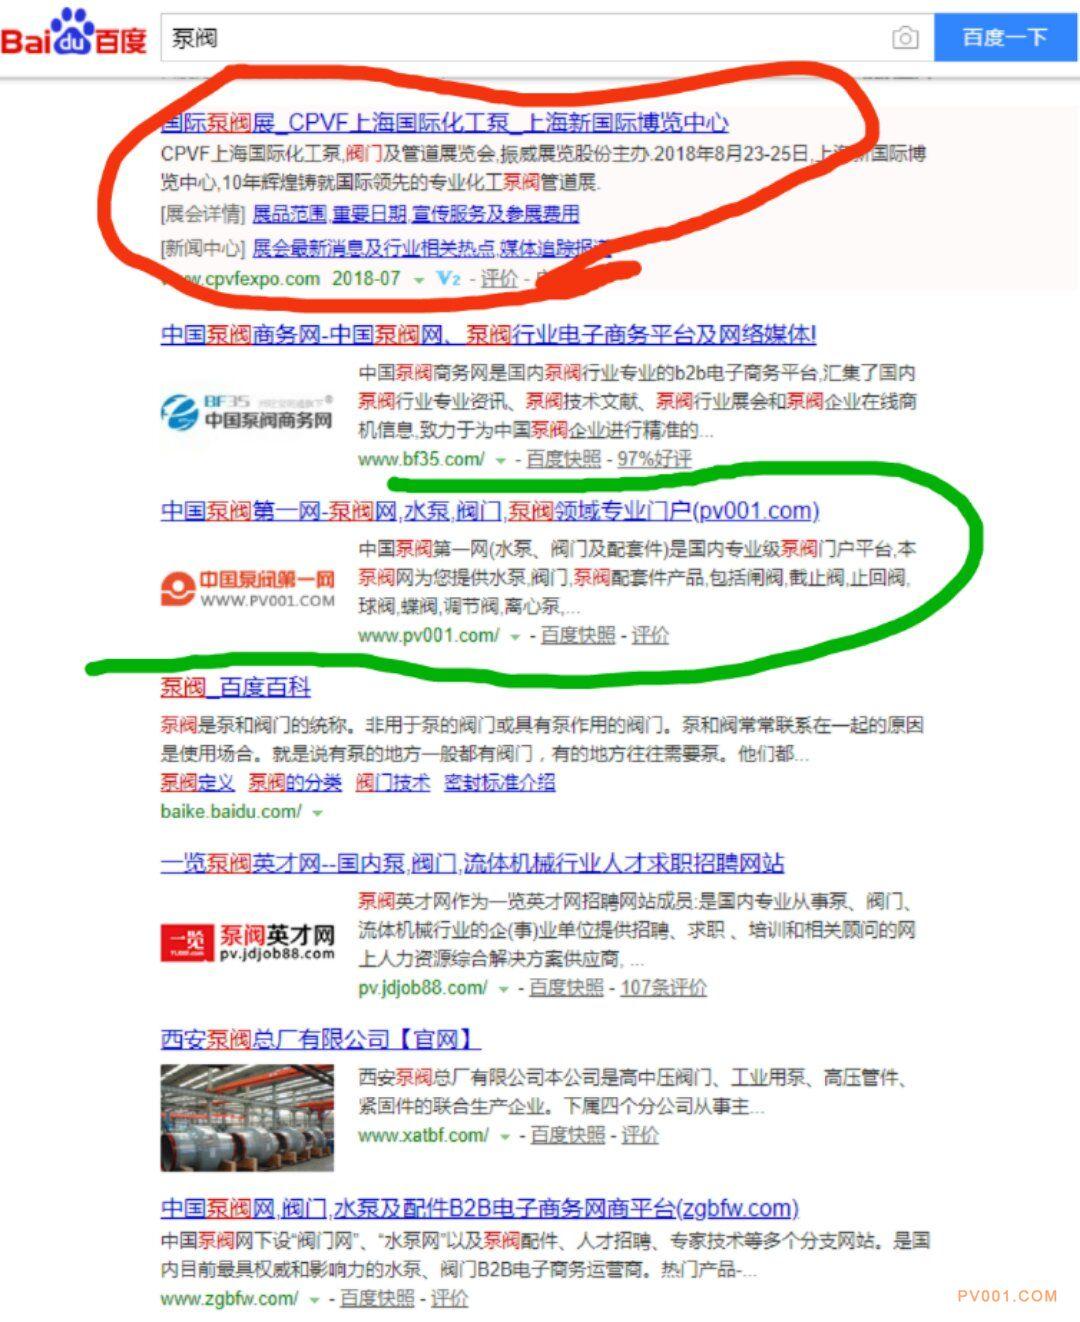 中国泵阀第一网百度排名及logo优化。